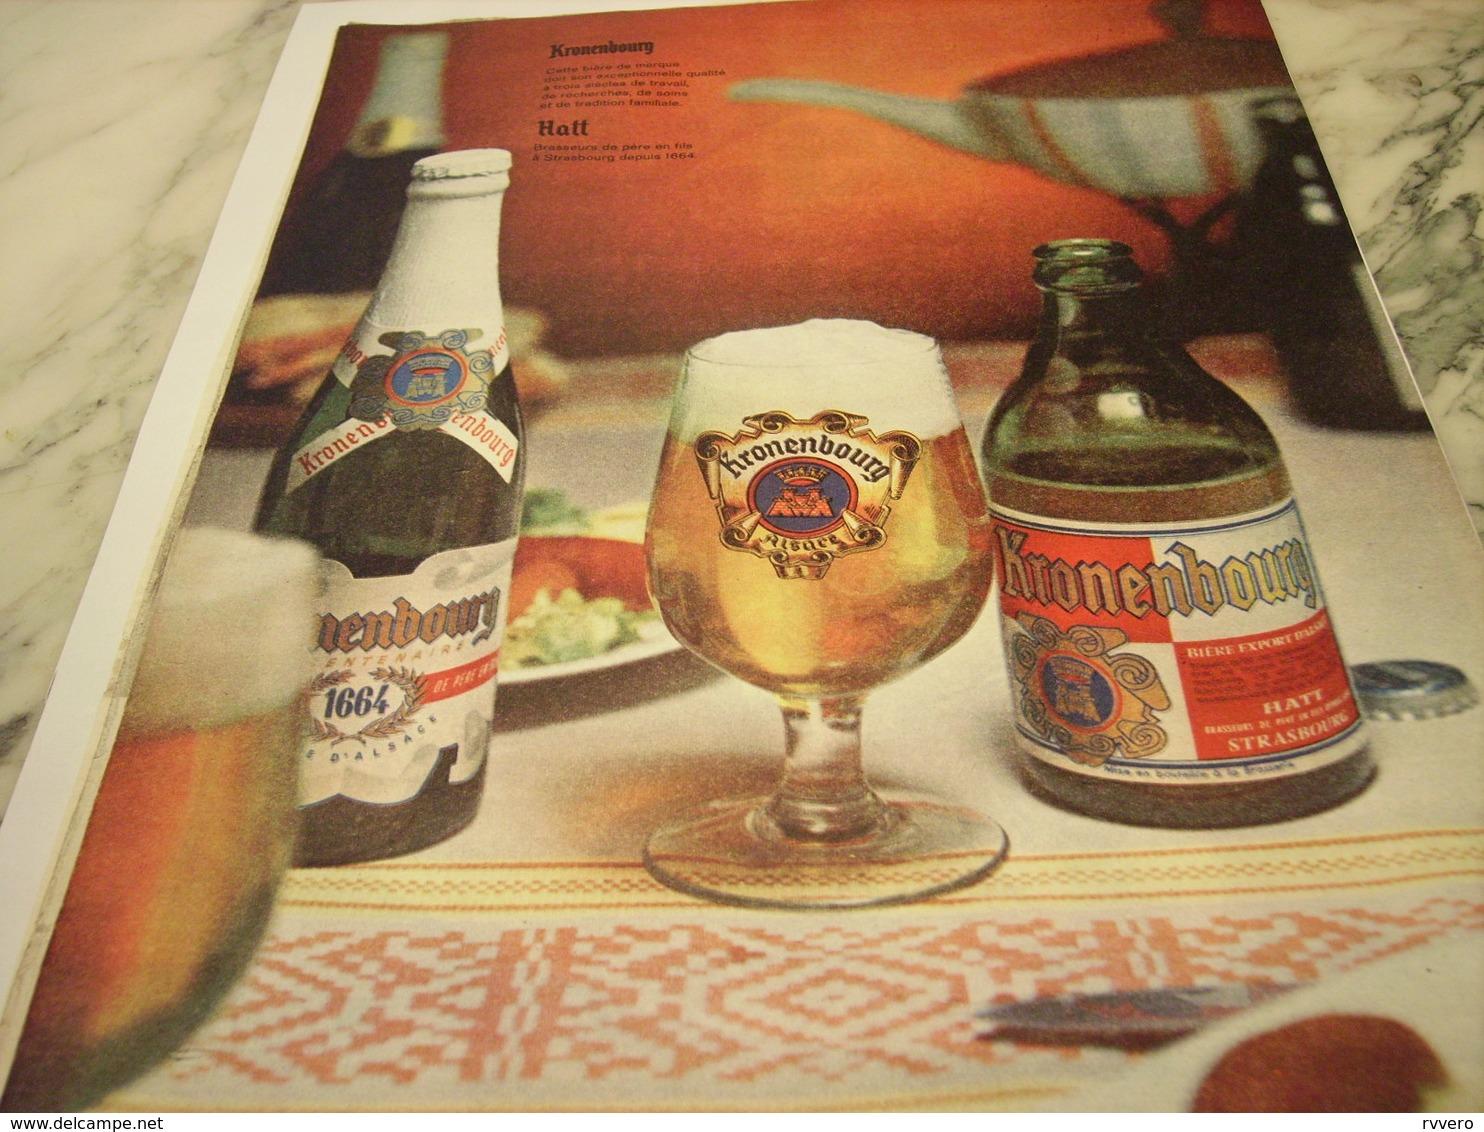 ANCIENNE PUBLICITE BIERE KRONENBOURG 1961 - Alcools